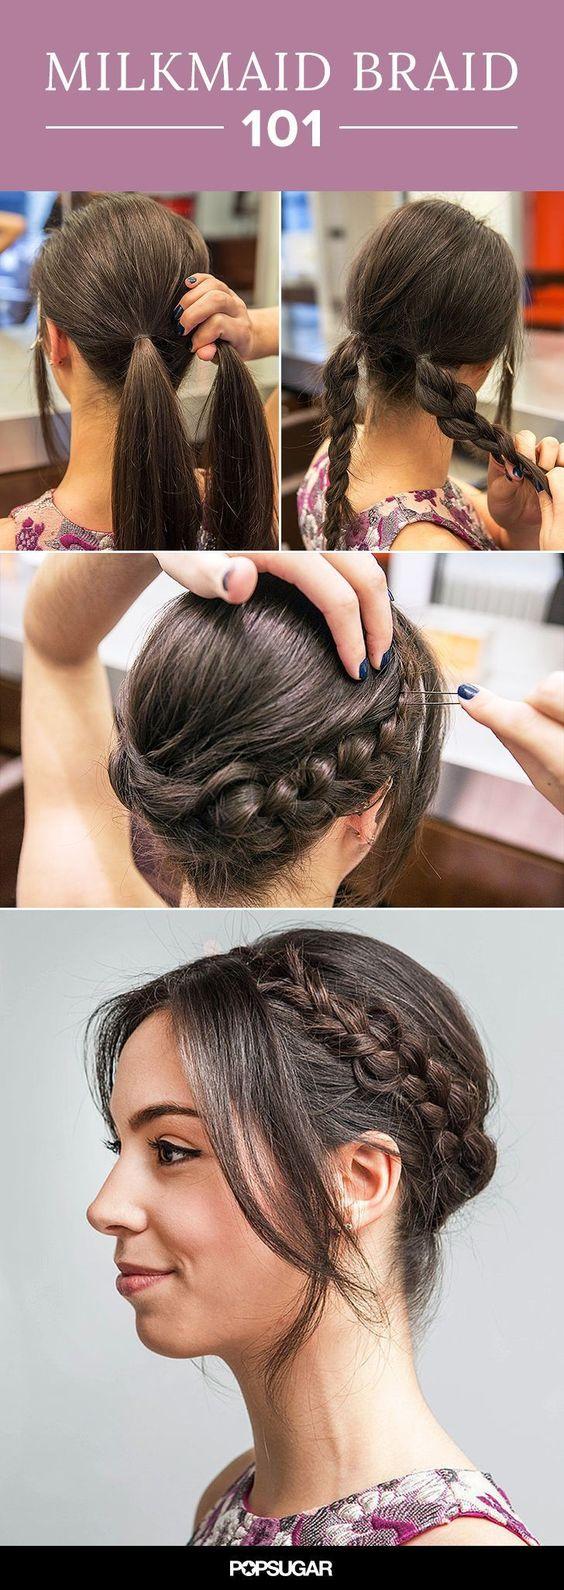 Прически на длинные волосы: коса вокруг головы